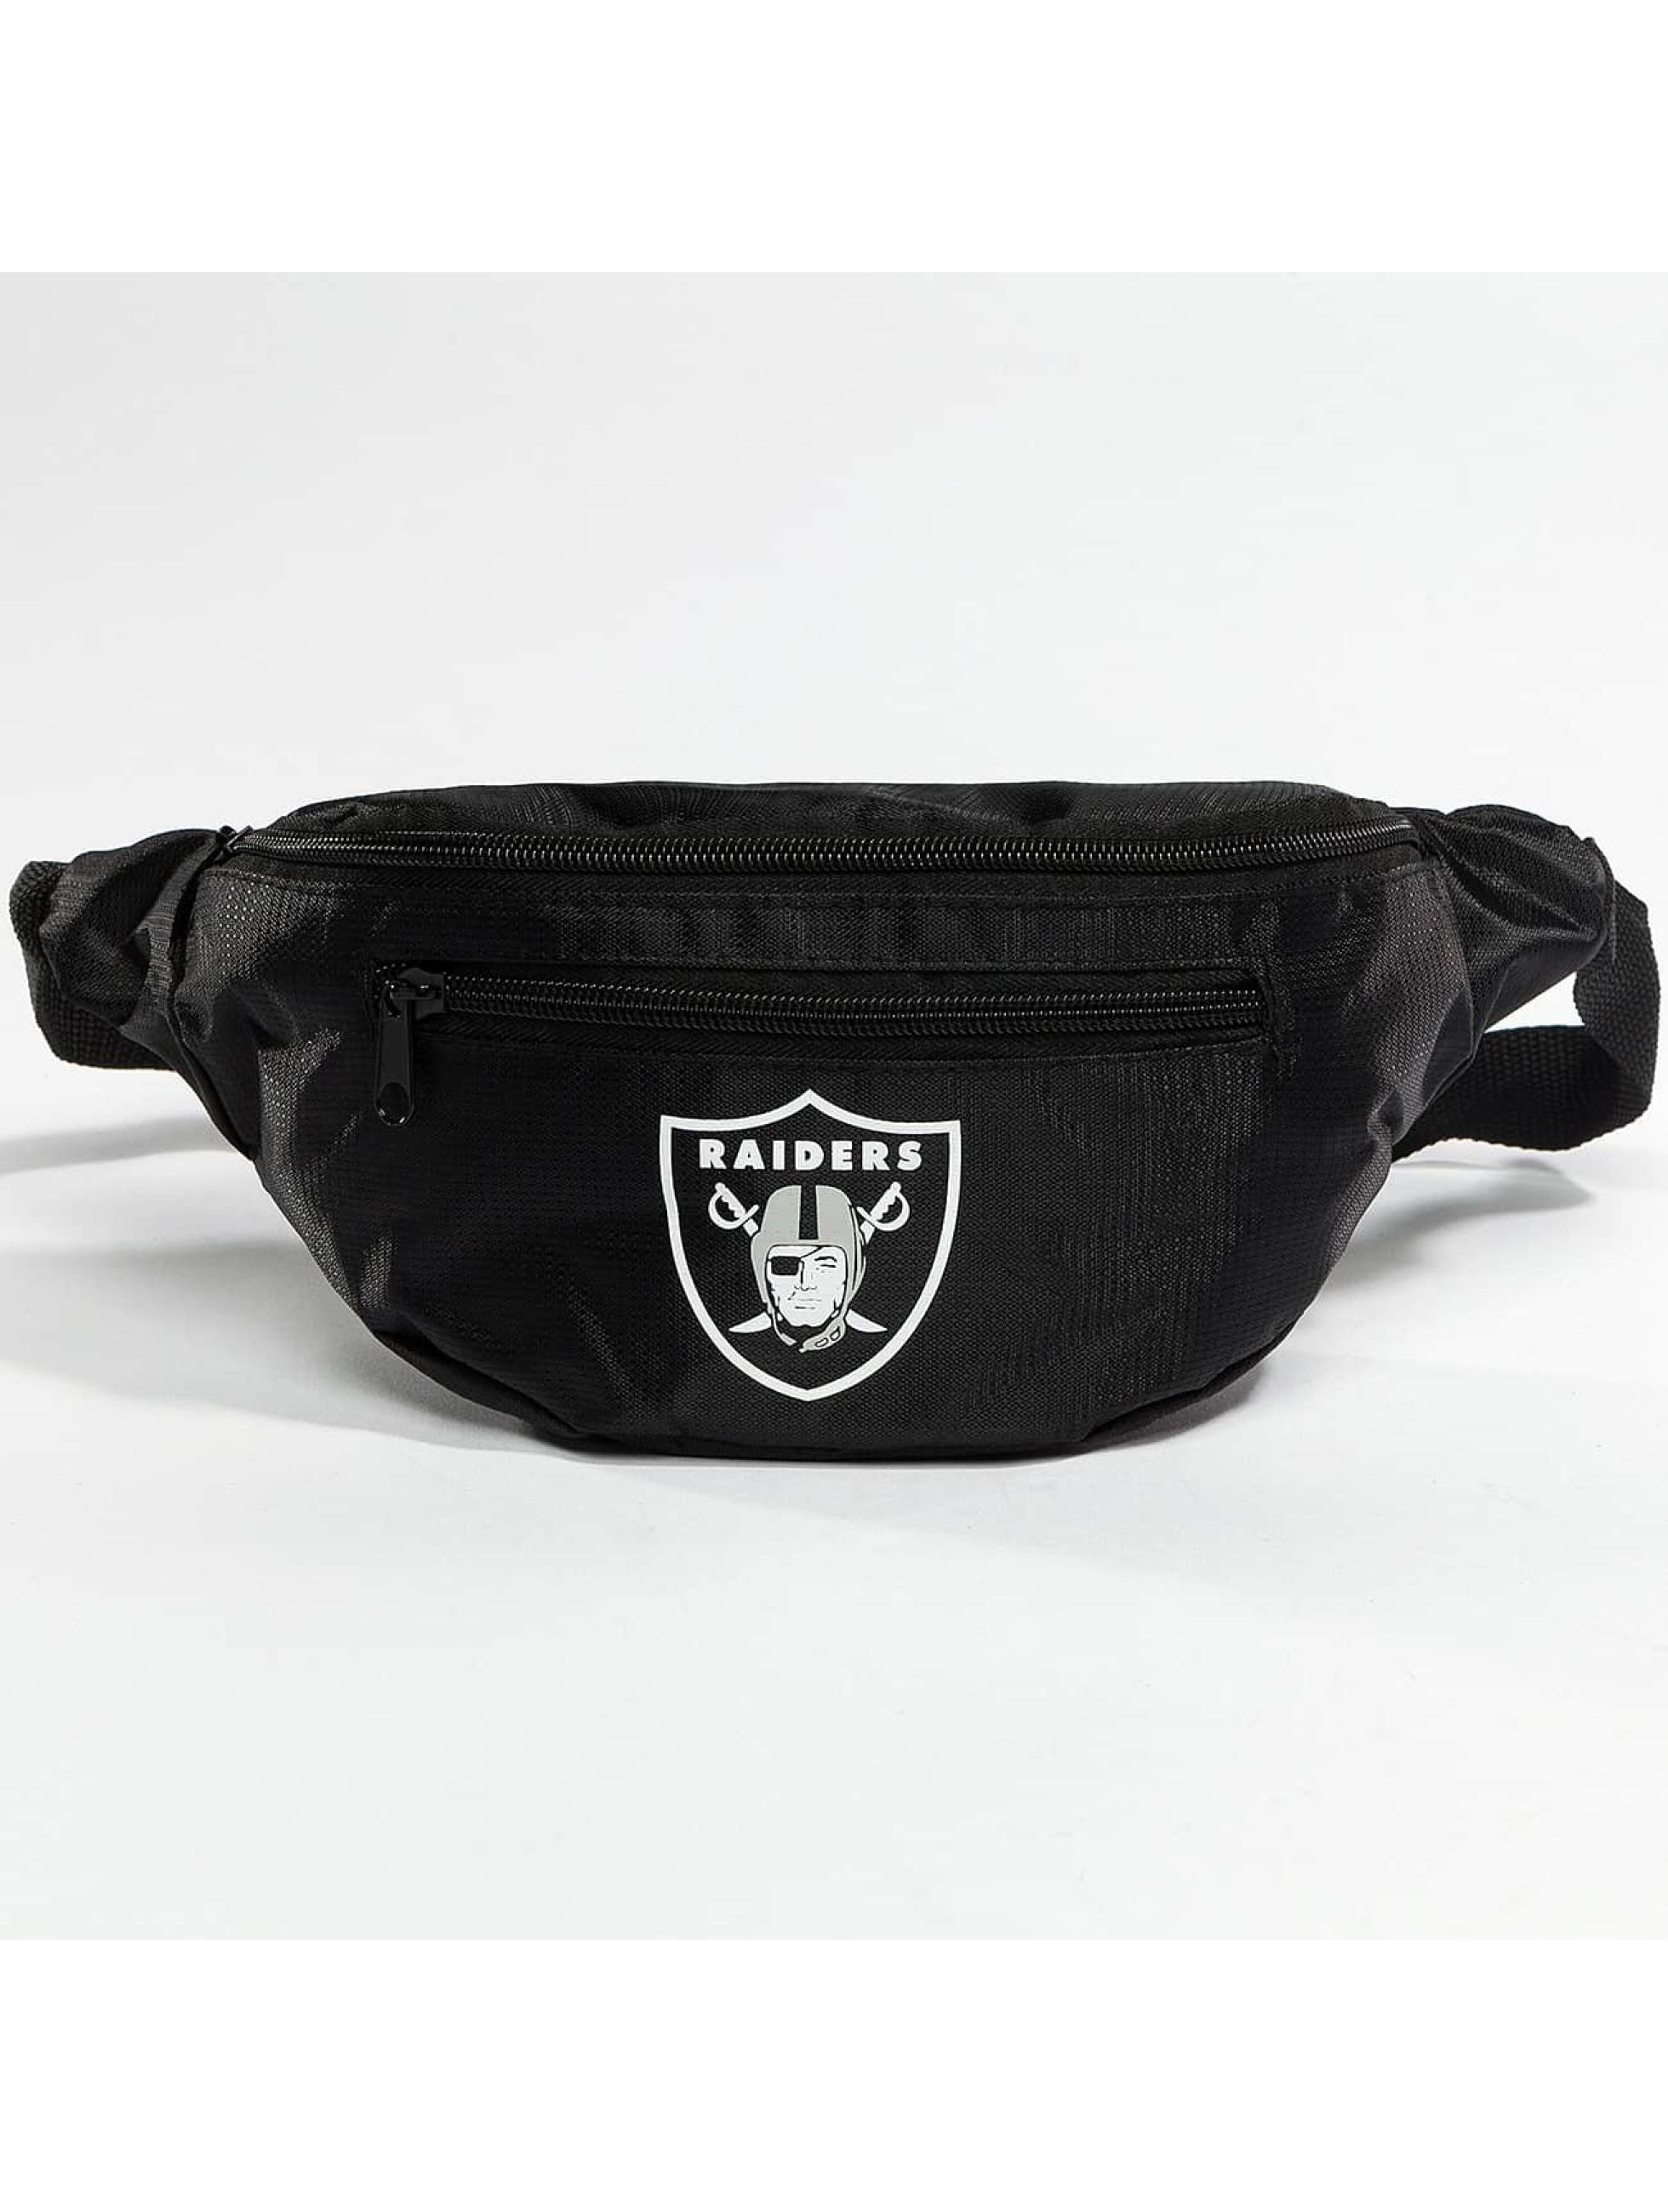 Forever Collectibles Tasche NFL Oakland Raiders schwarz